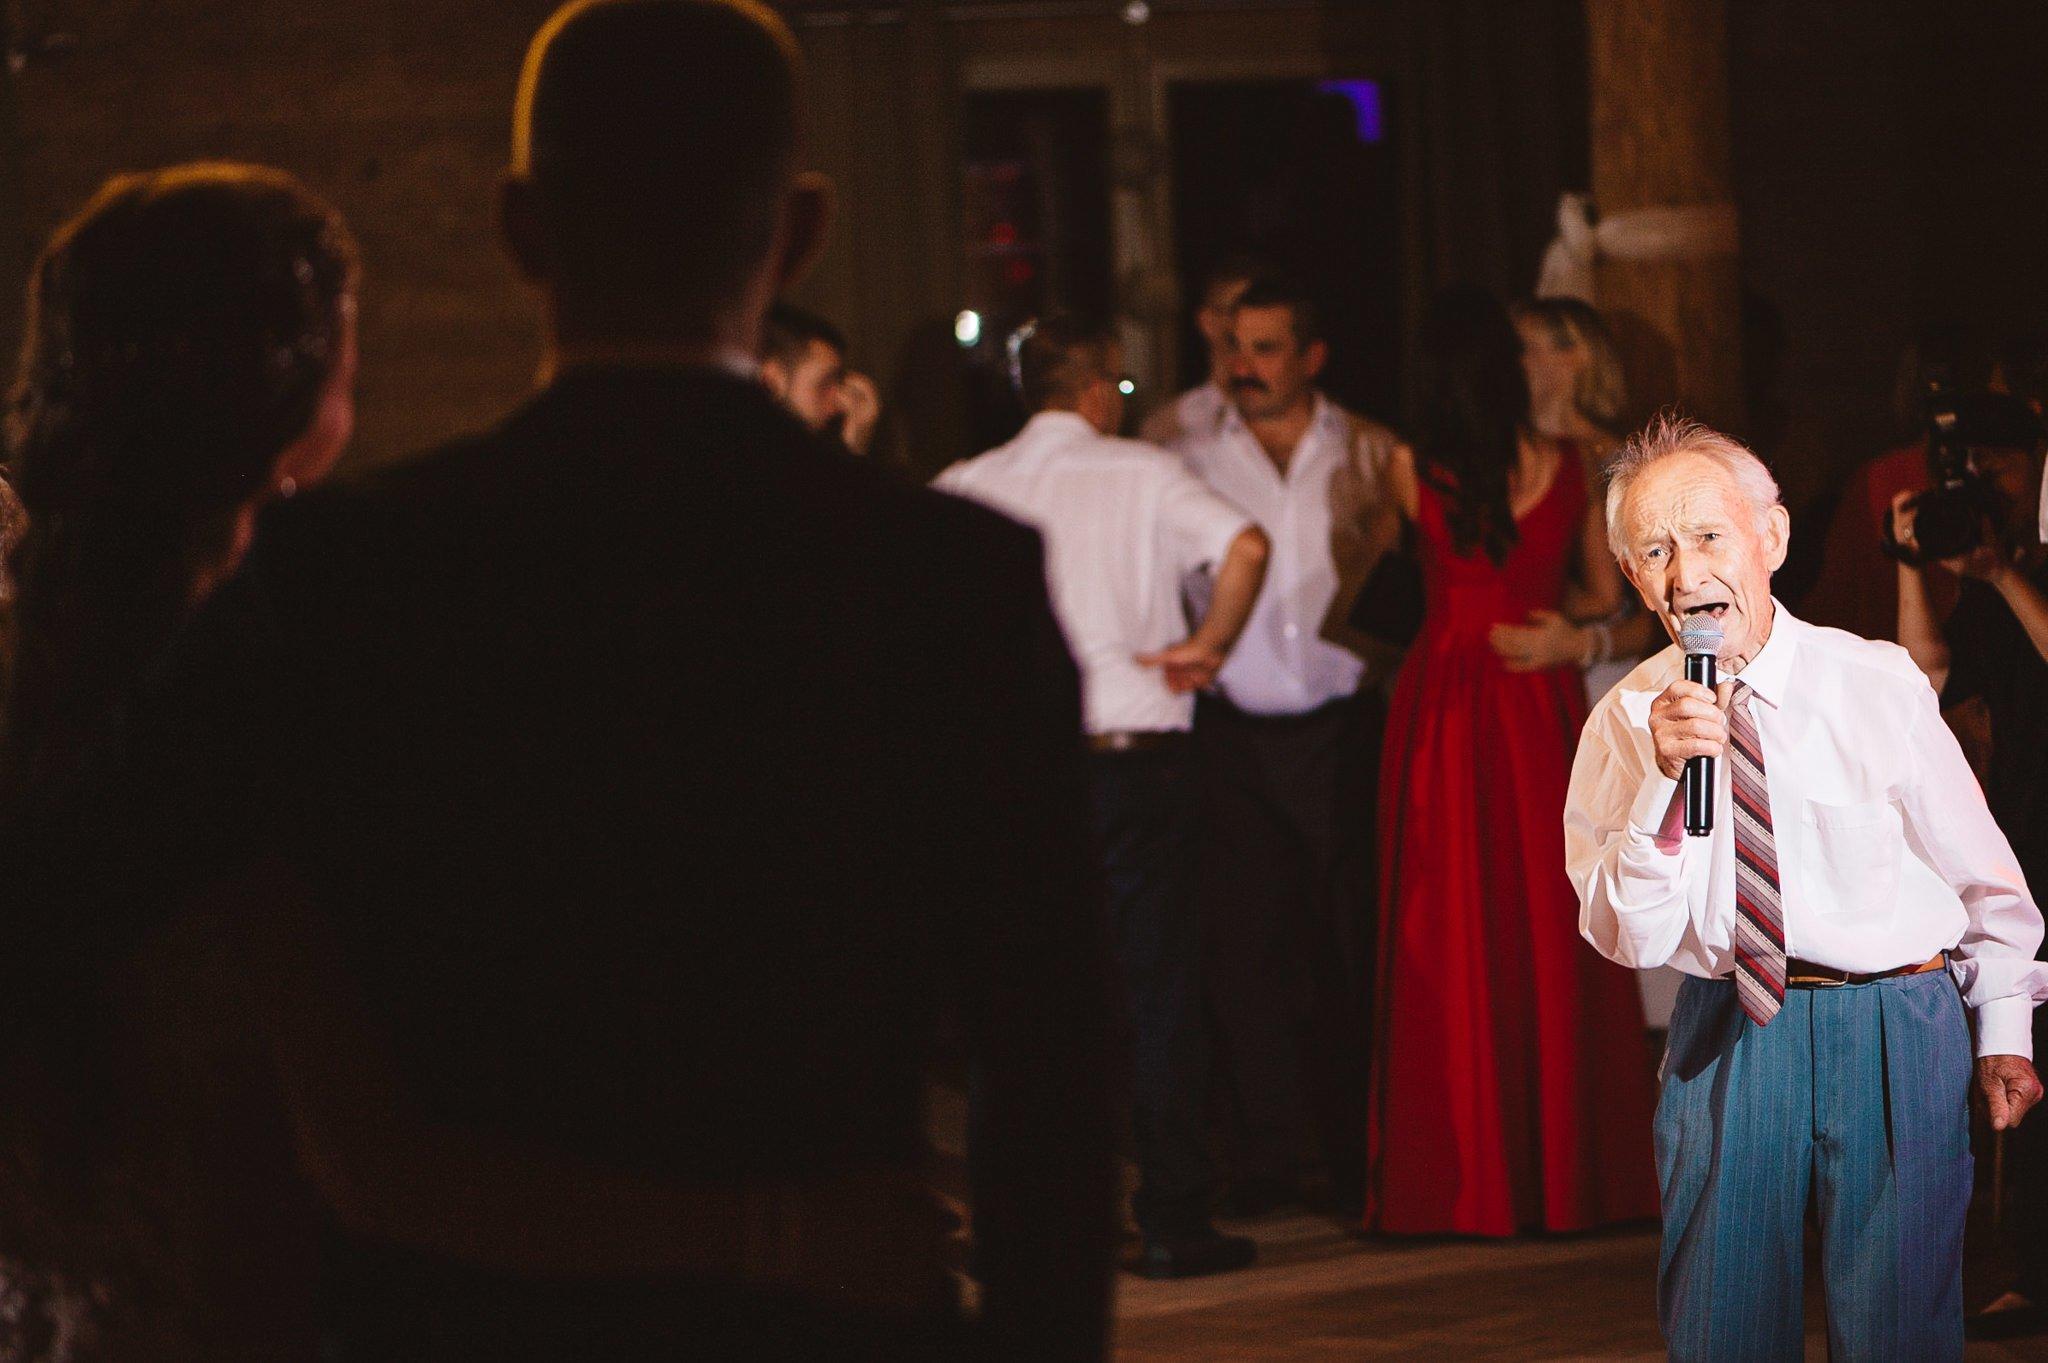 Ala i Arek, czyli jak zorganizować ślub i wesele w 4 tygodnie! 366